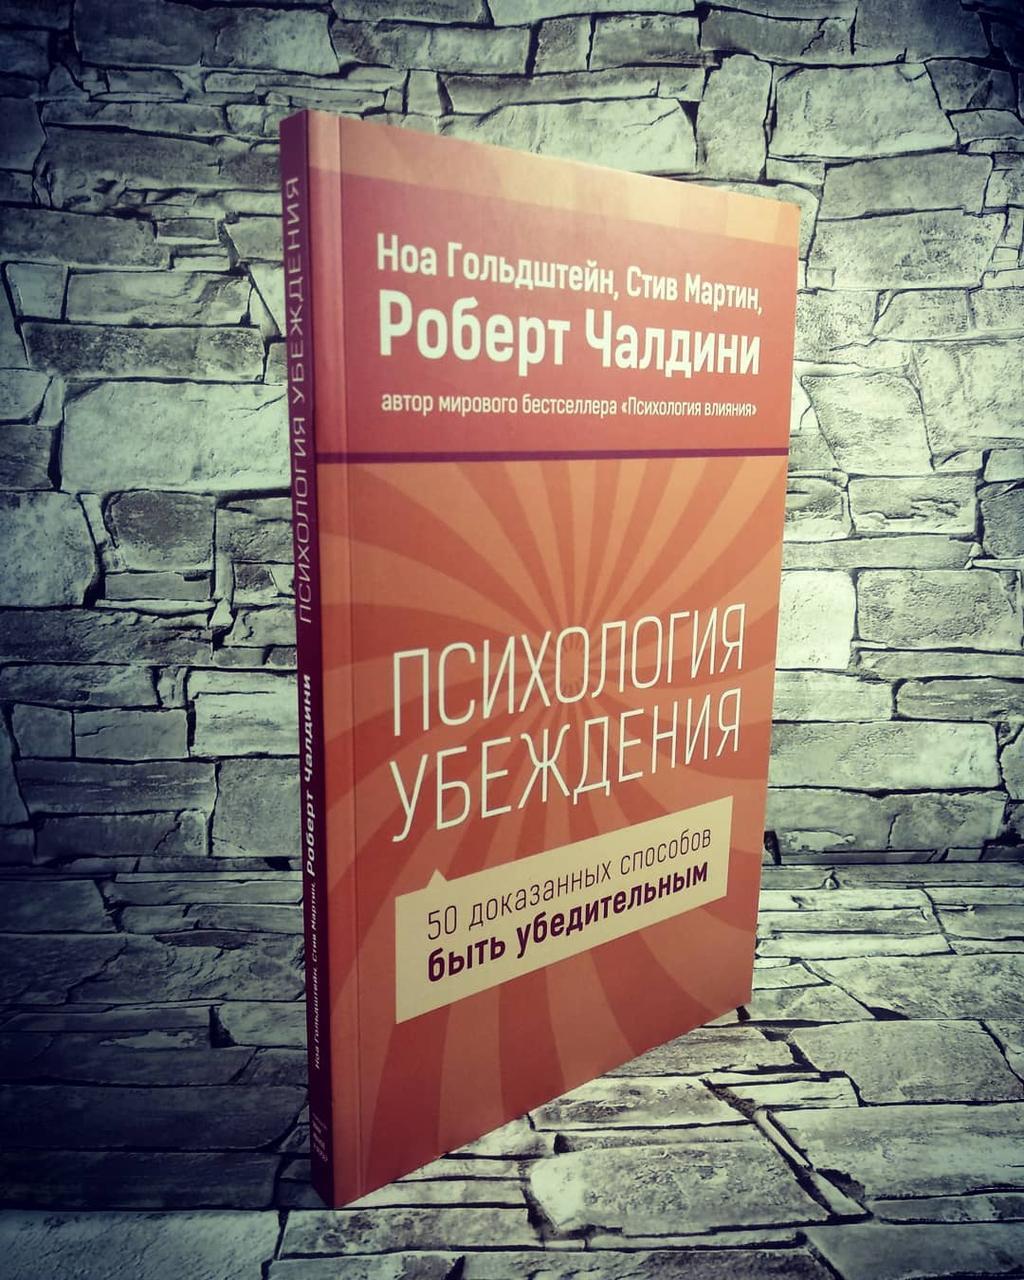 """Книга """"Психология убеждения. 50 доказанных способов быть убедительным""""  Ной Гольдштейн, С Мартин , Р. Чалдини"""